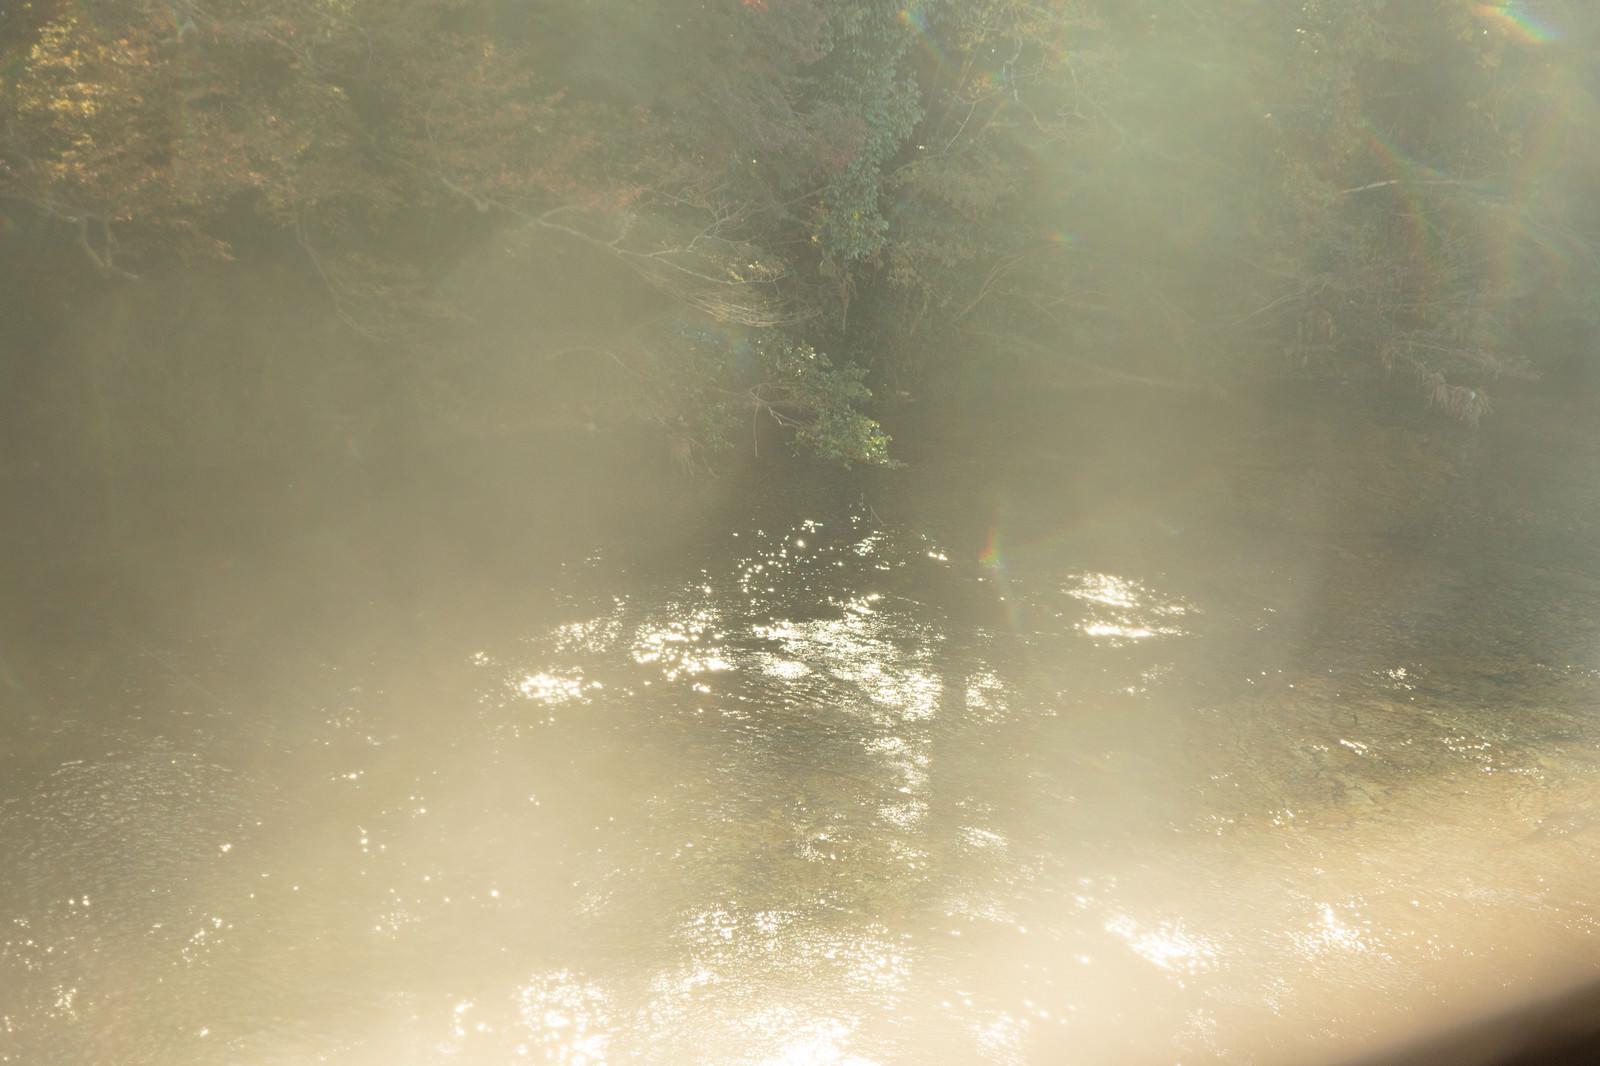 「靄がかる湖面に反射する日の光」の写真